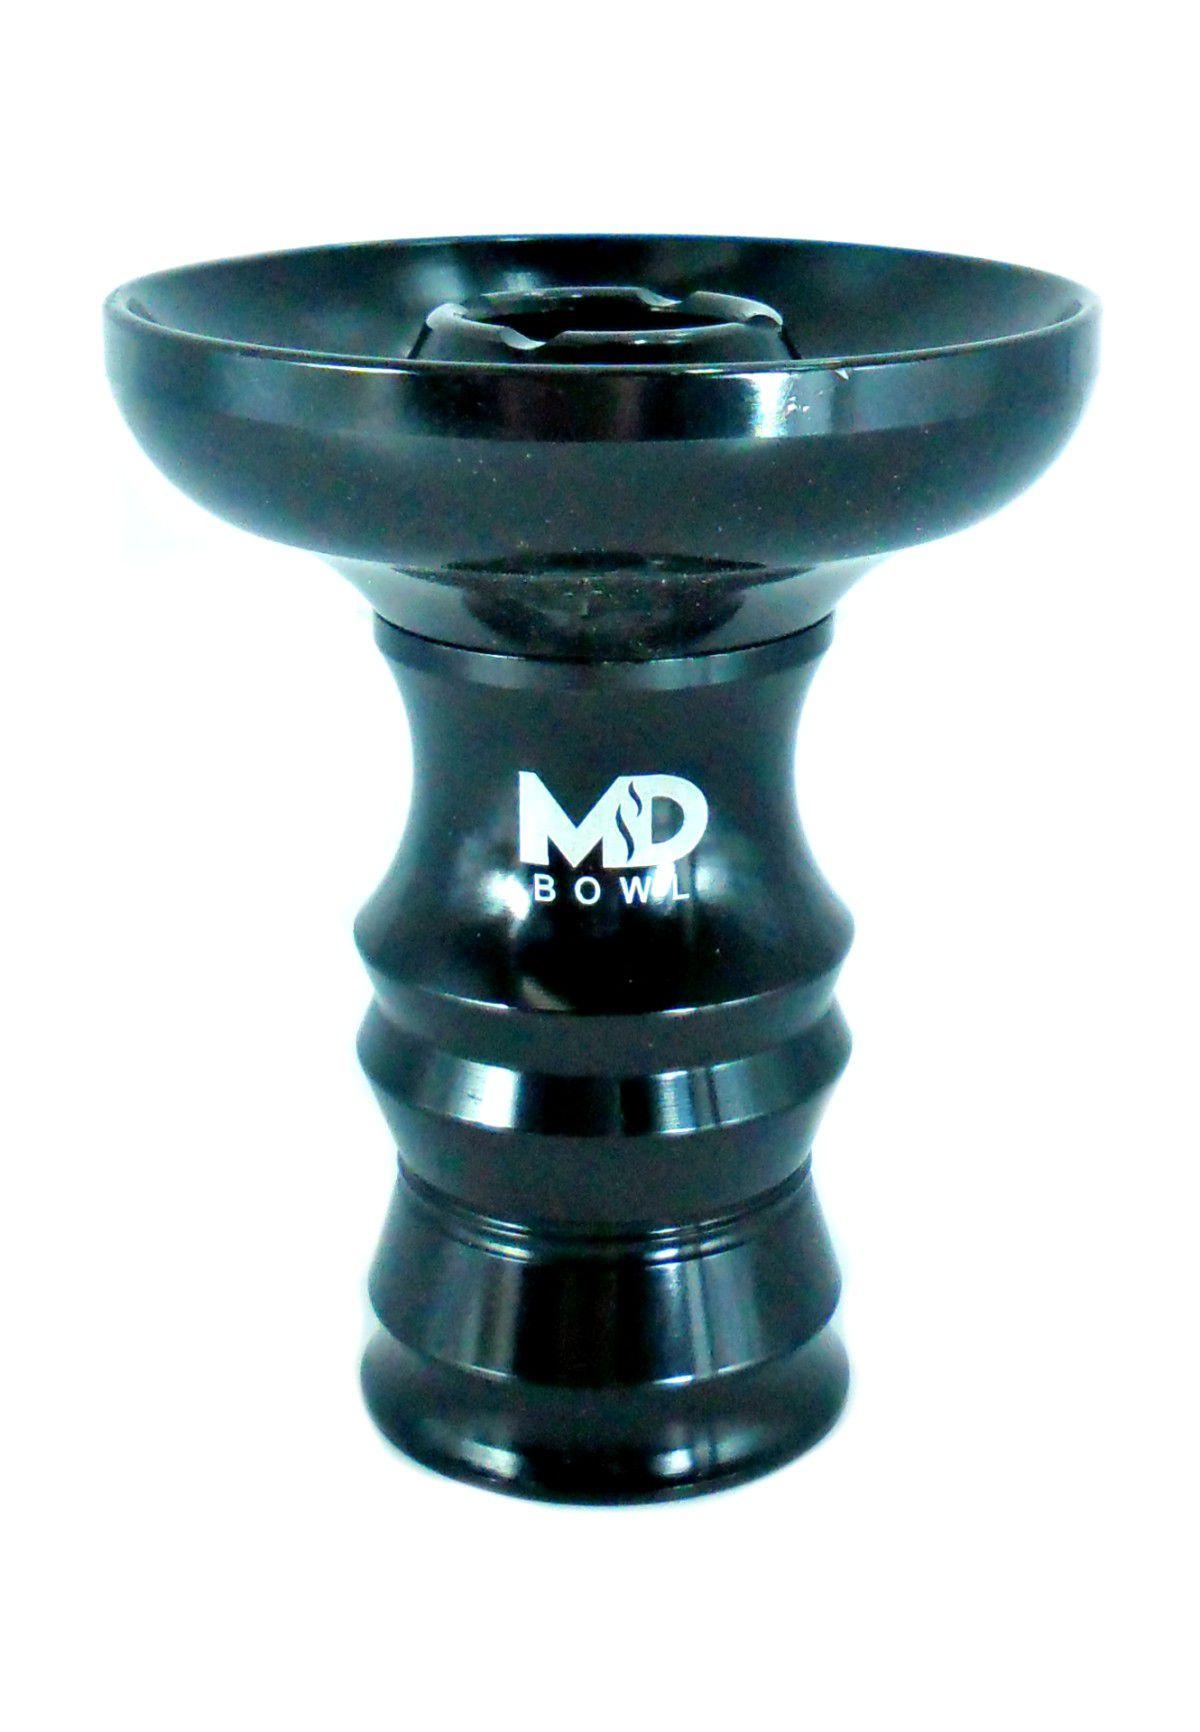 Fornilho/Rosh para narguile MD Bowl 9,2cm, em ALUMÍNIO. Cuba FUNIL c/canais. Encaixe com ranhuras.